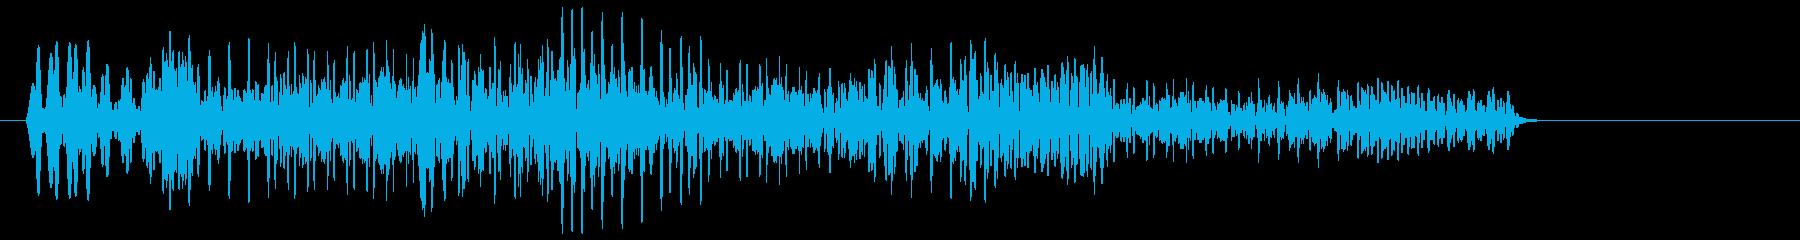 ワワ〜ン(コミカル)の再生済みの波形